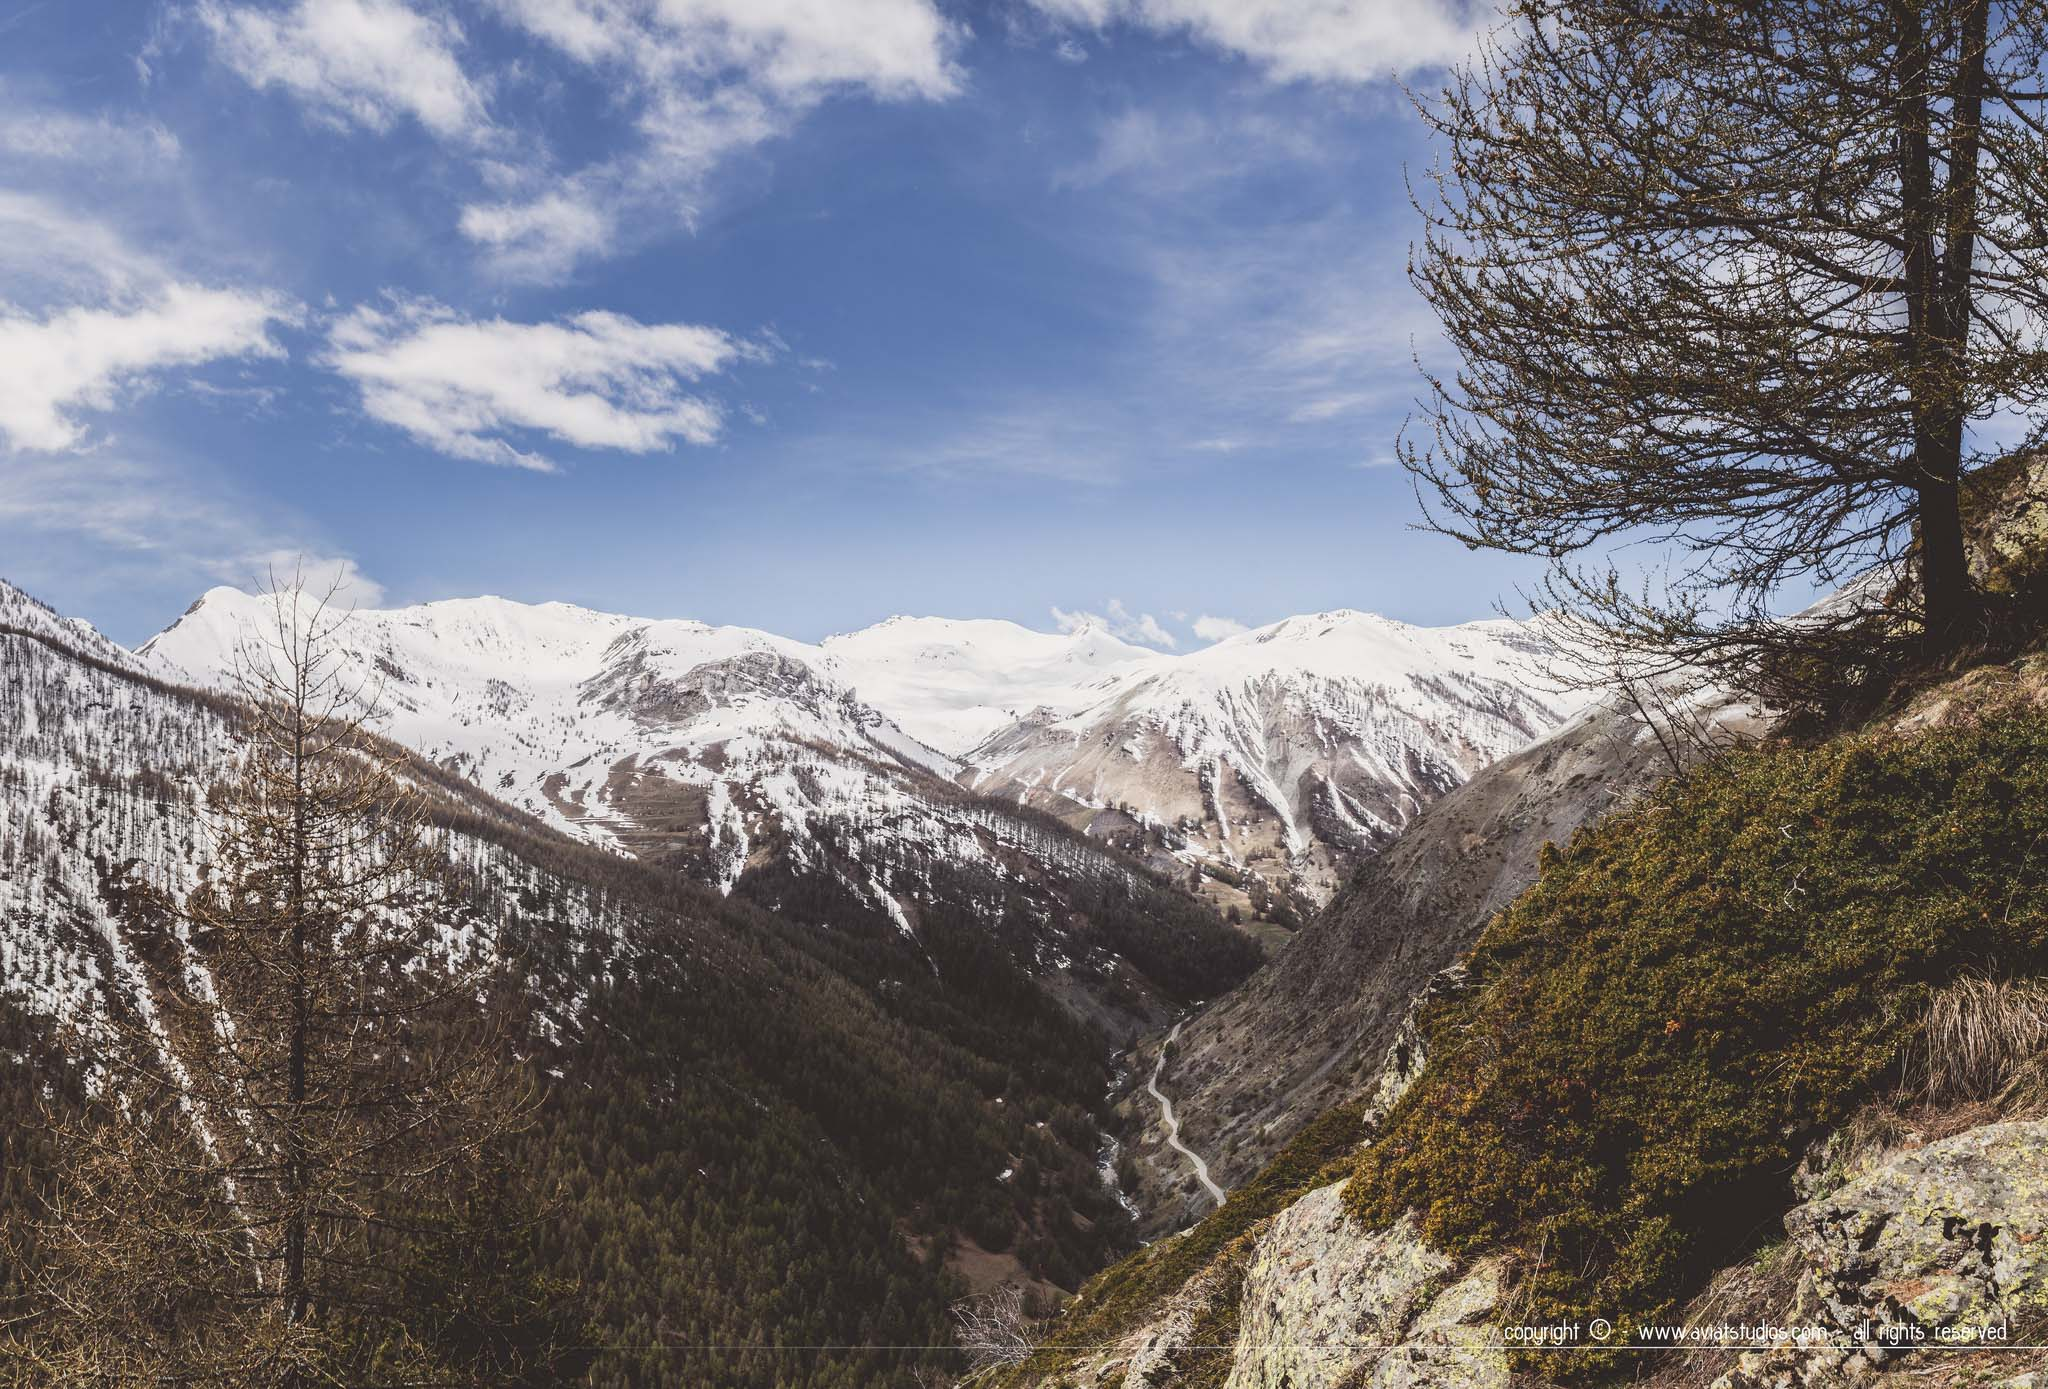 Randonnée dans le Mercantour - Vallée de la Tinée dans des tons sombres sous un ciel bleu